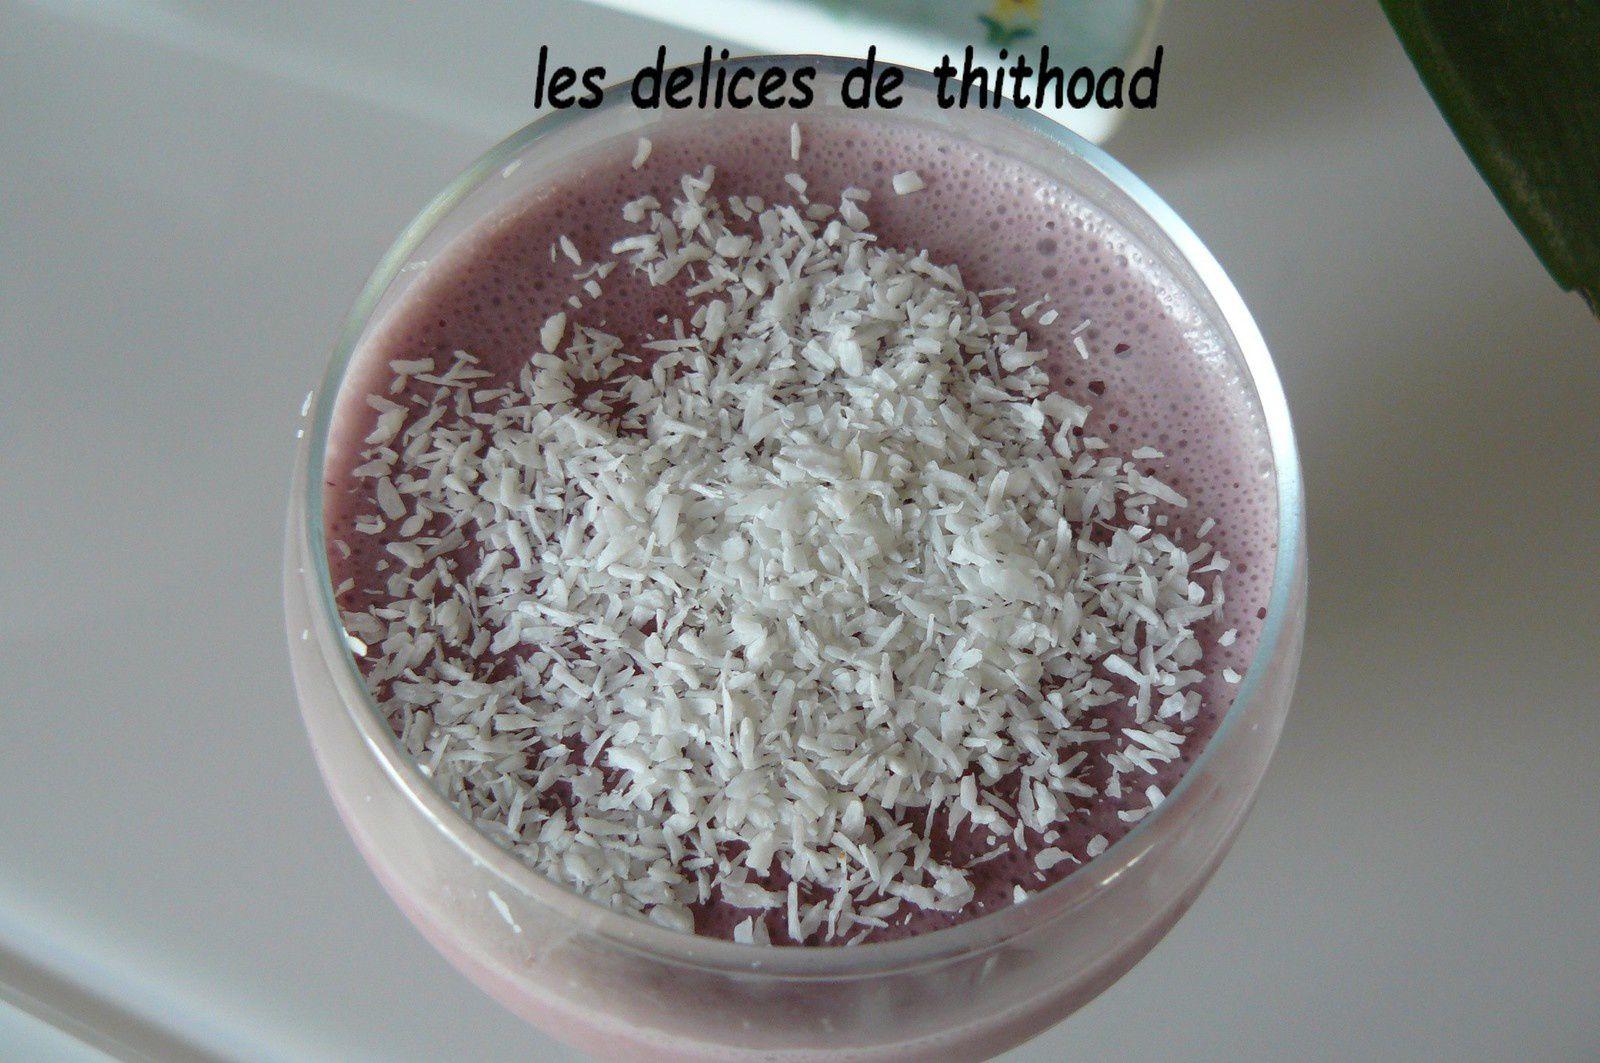 flans de coco aromatisés à la framboise